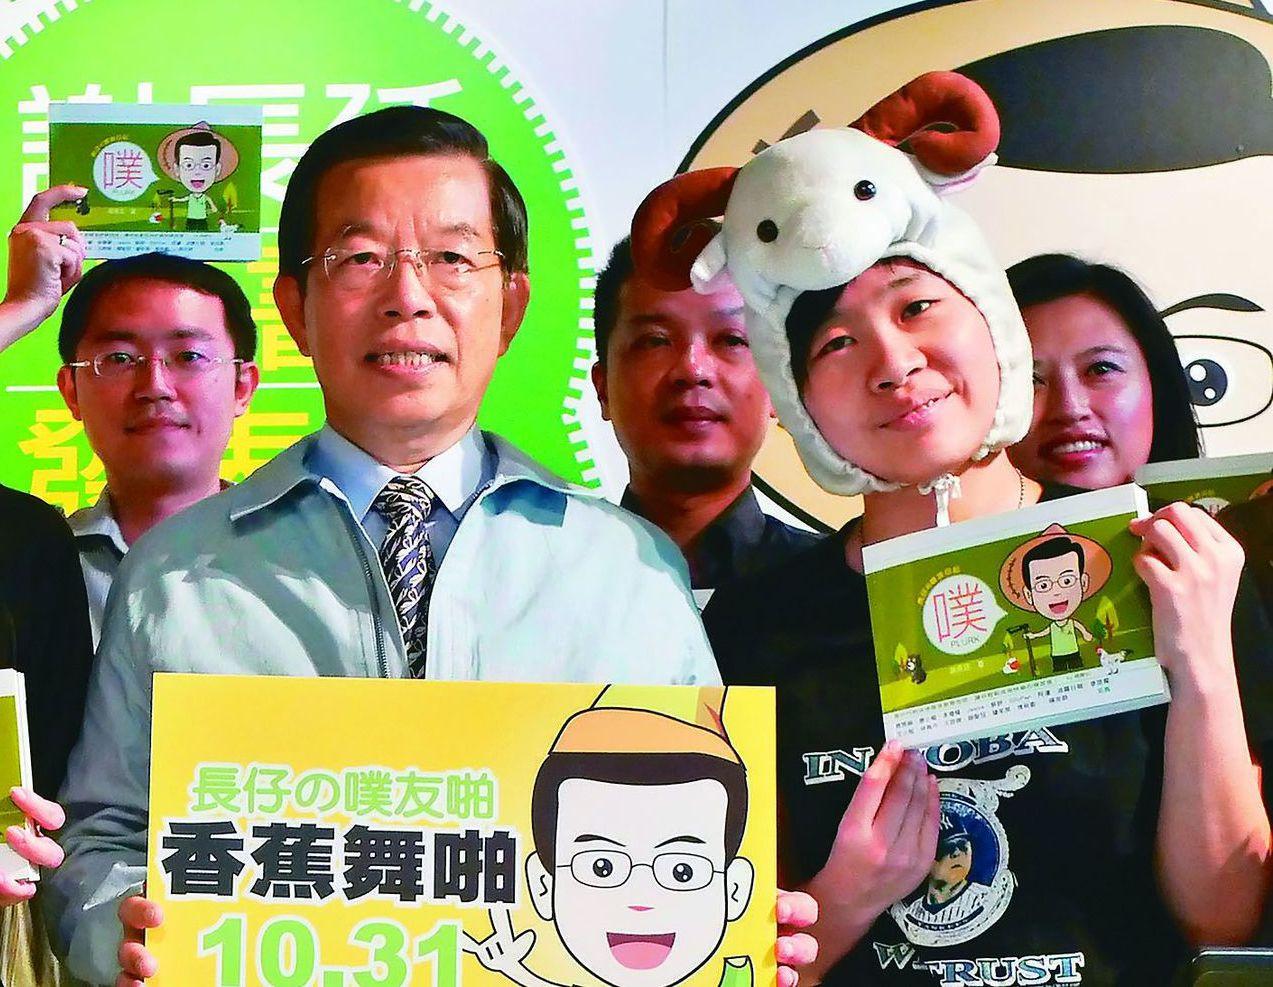 「卡神」楊蕙如(右)被起訴,引發軒然大波,左為駐日代表謝長廷。圖/聯合報系資料照...